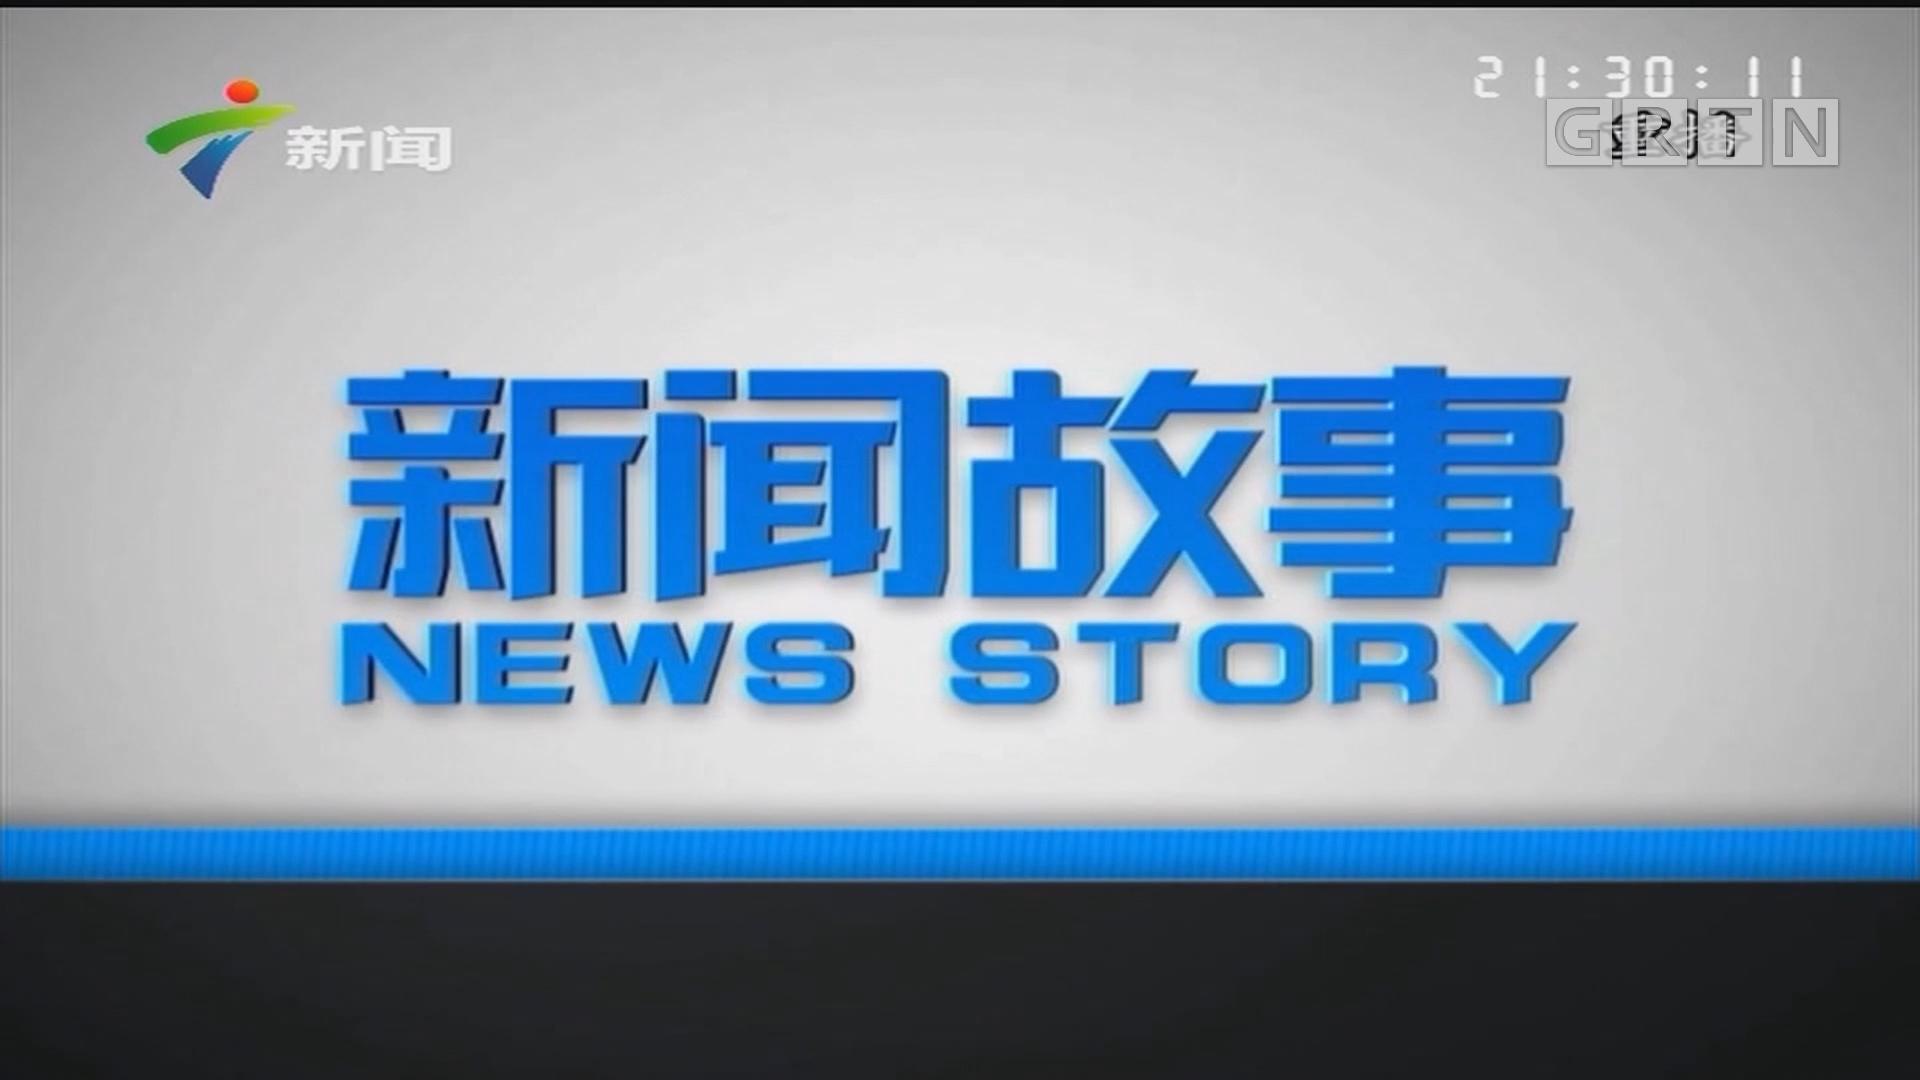 [HD][2019-09-18]新闻故事:无人报案